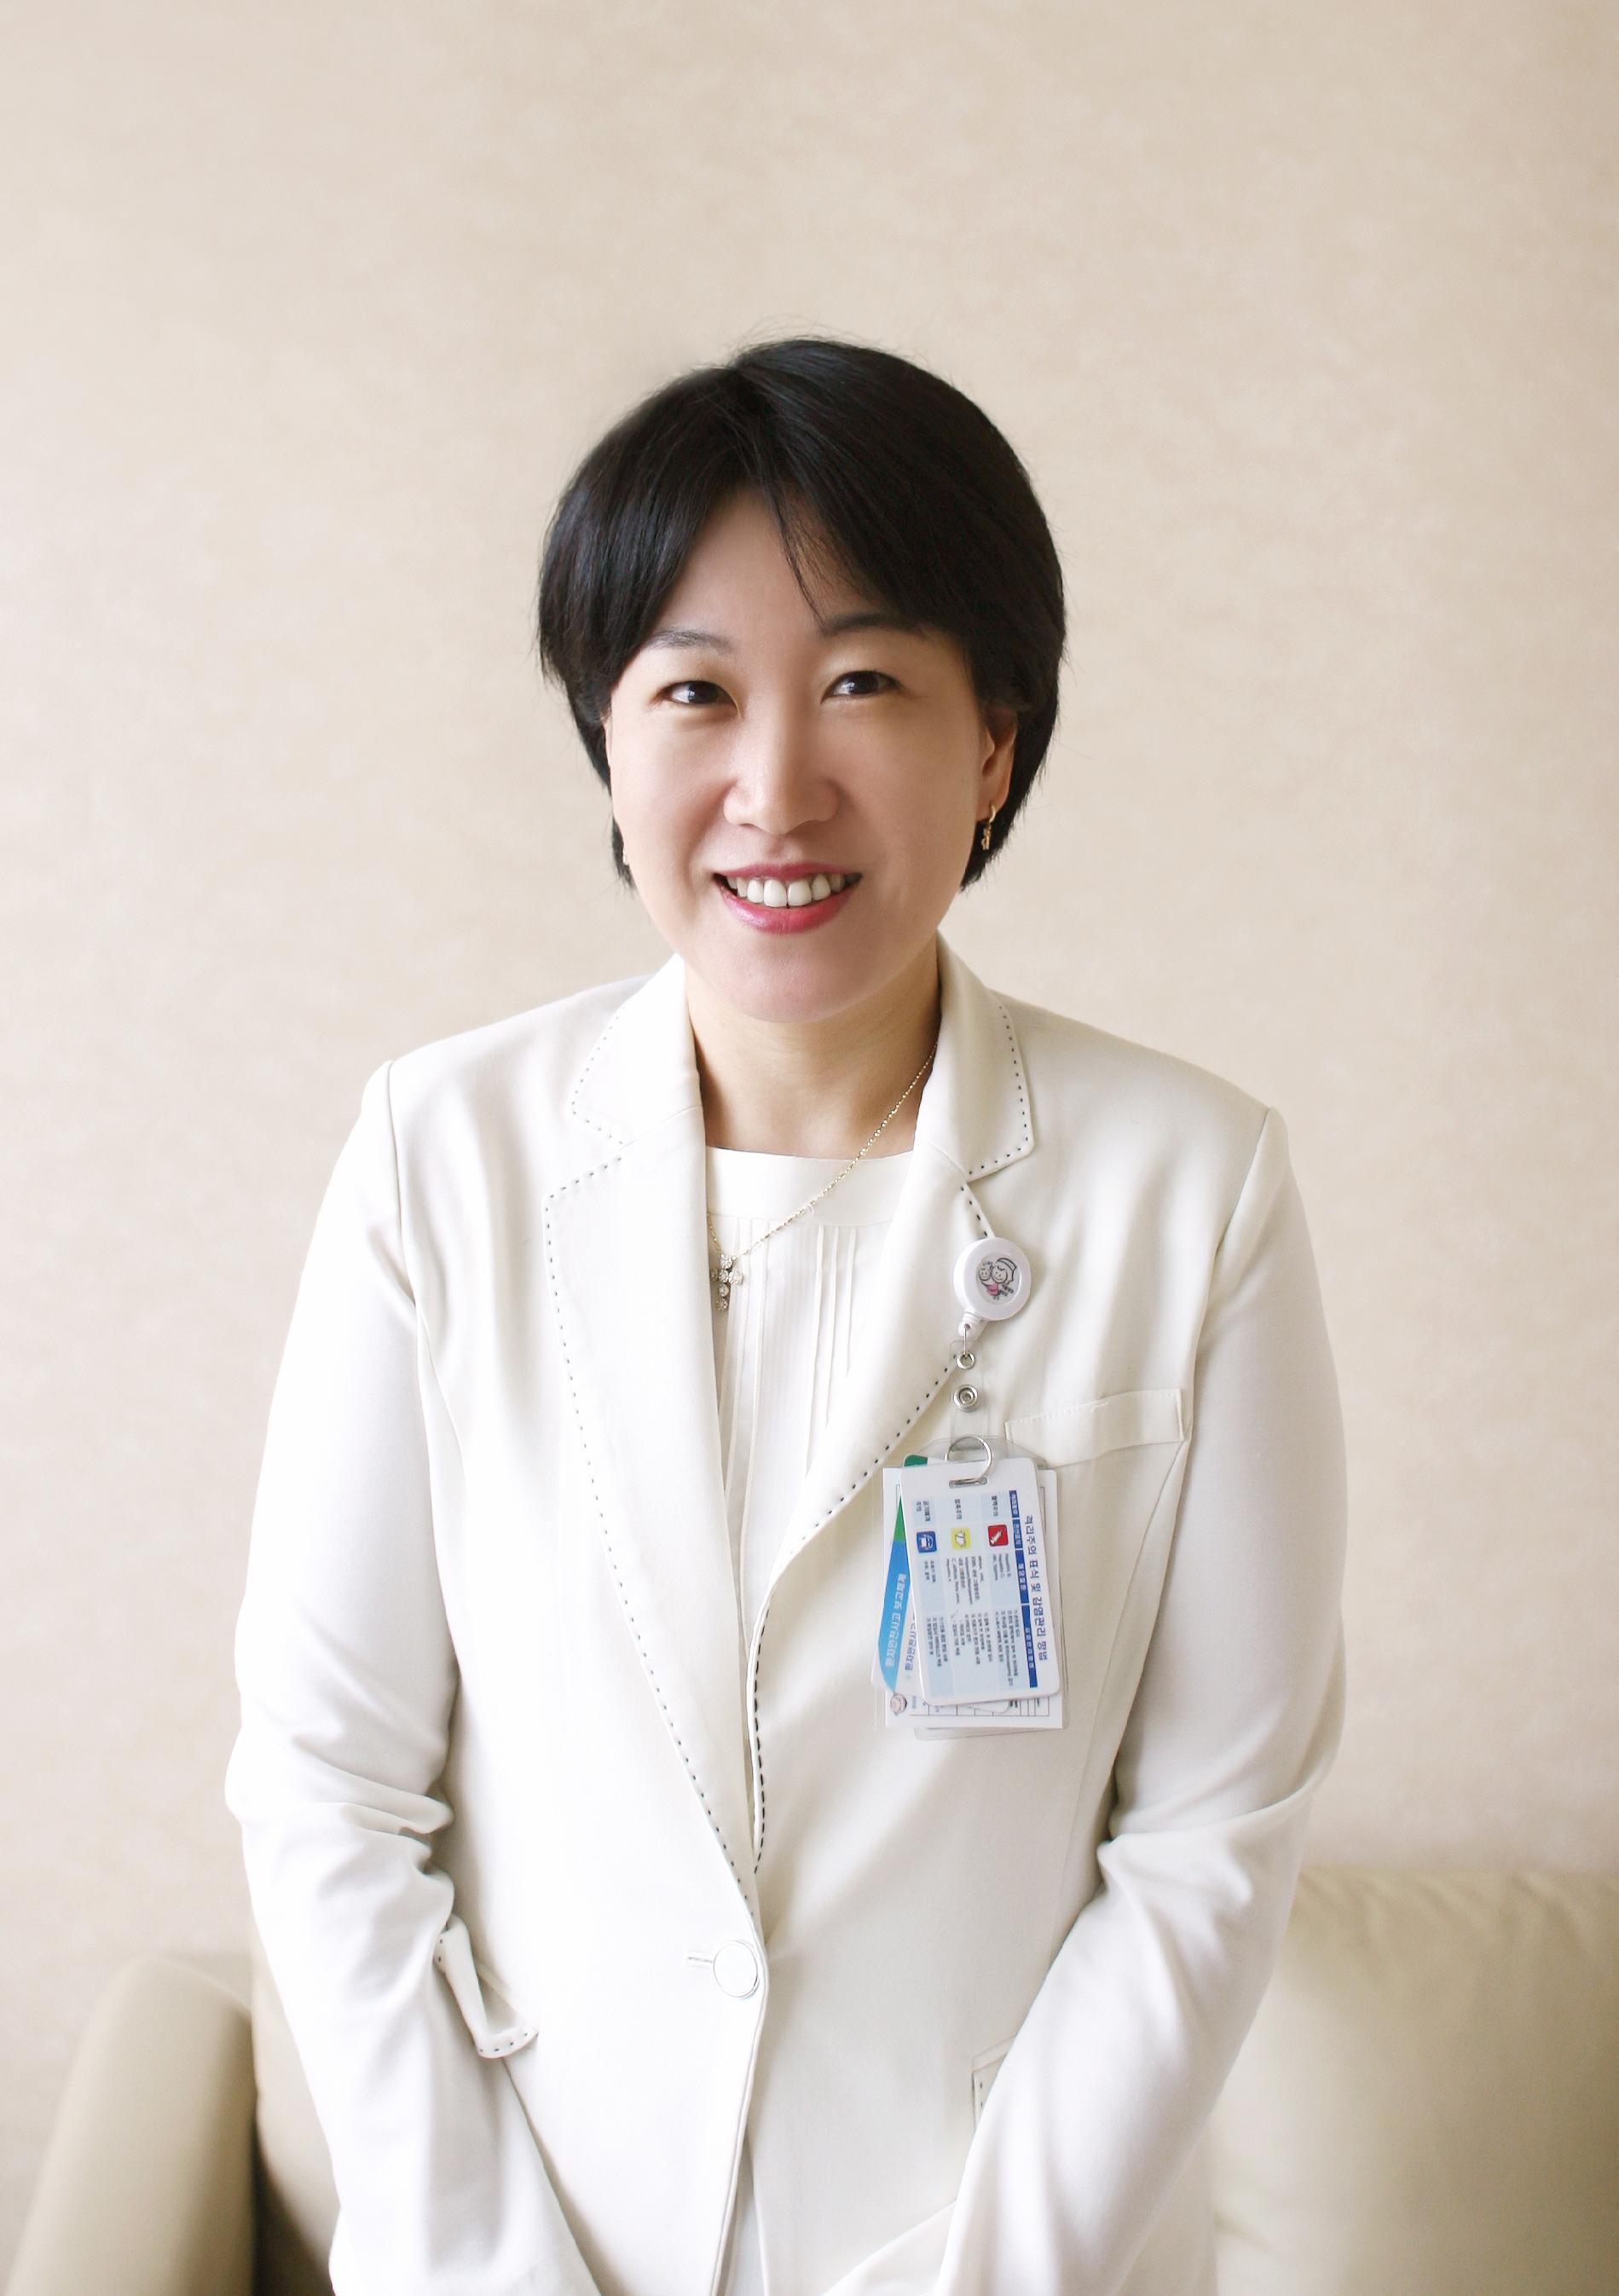 서울성모병원 간호부 혈액계중환자실 김동연 UM